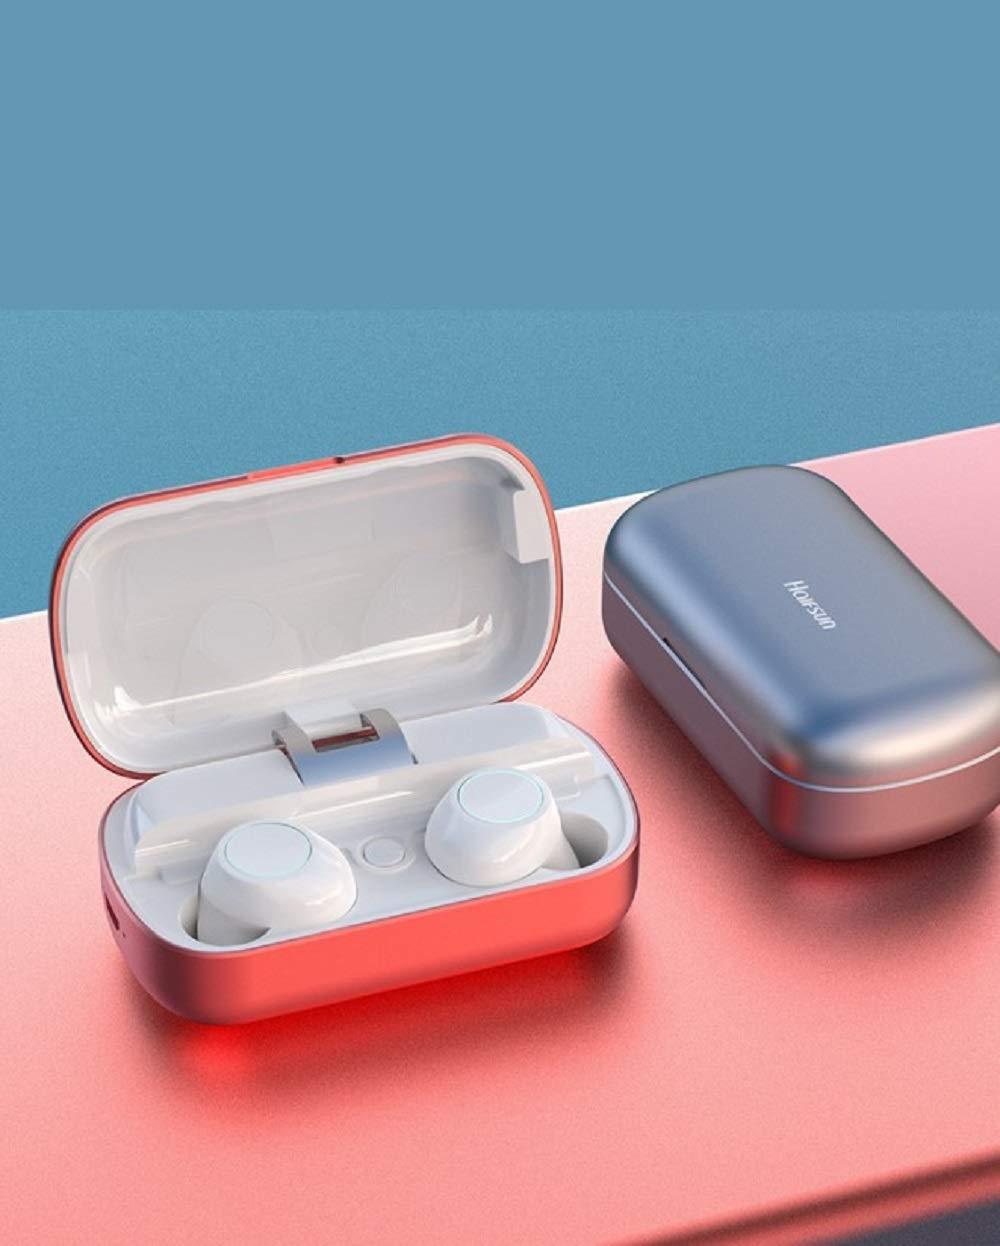 「絶賛HIFI高音質ブルートゥースイヤホン」進化版のブルートゥース技術、ノイズキャンセリング、自動ペアリング、簡単操作、連続再生時間は100h以上、hifi高音質、3200mAH大容量充電ケース、8H音楽聴き、防水防汗、スポーツに向ける (Color : Black) B07Q2Y2T2R